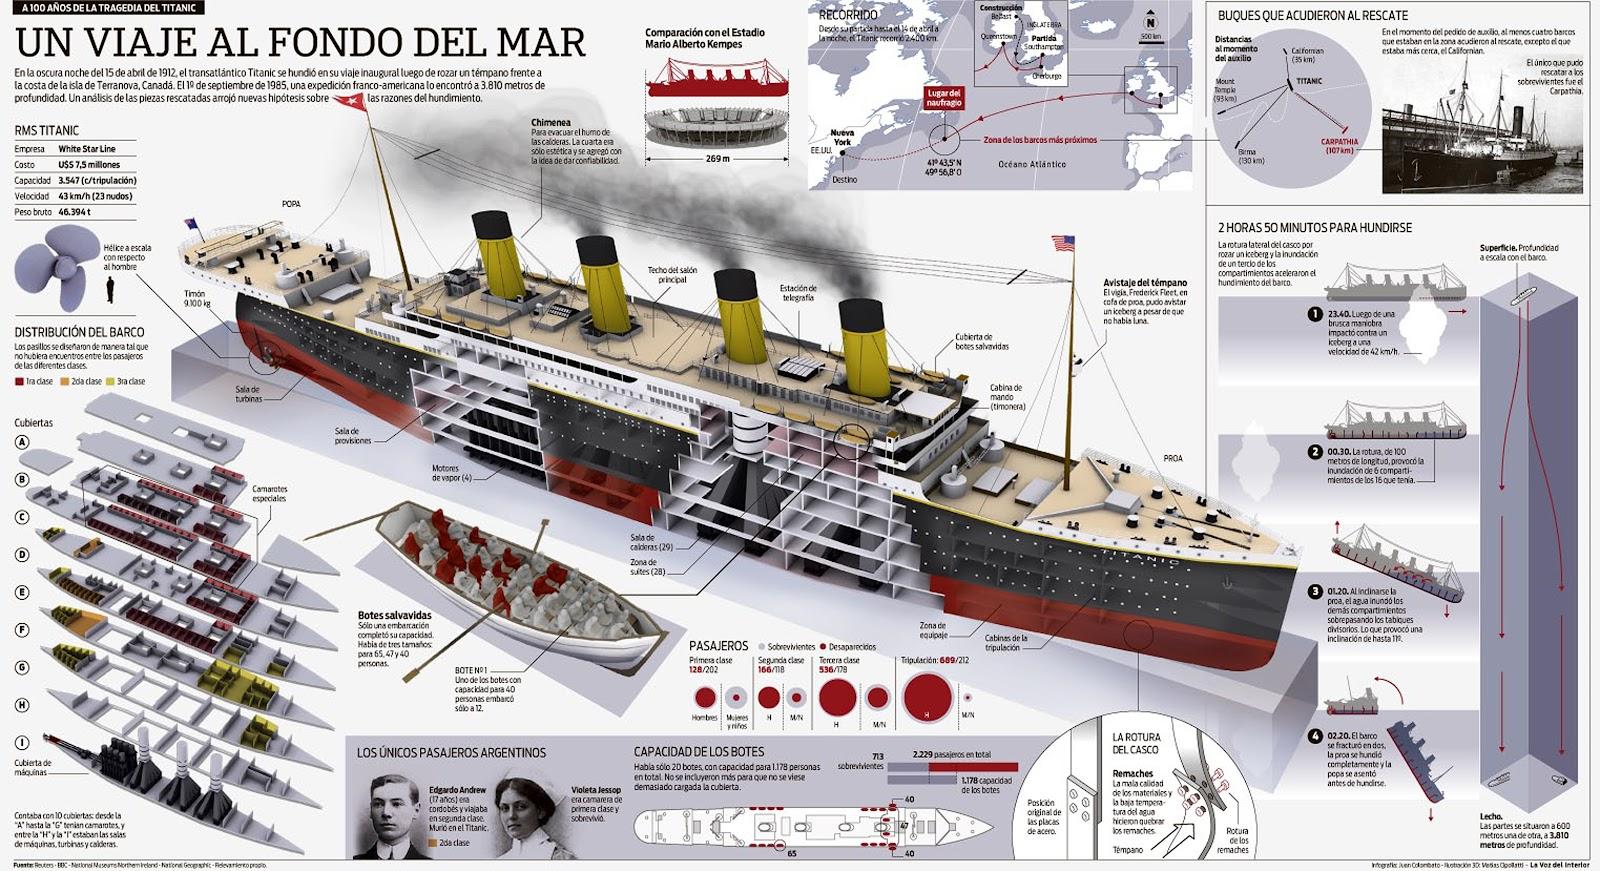 Inside The Titanic Diagram How Net Framework Works